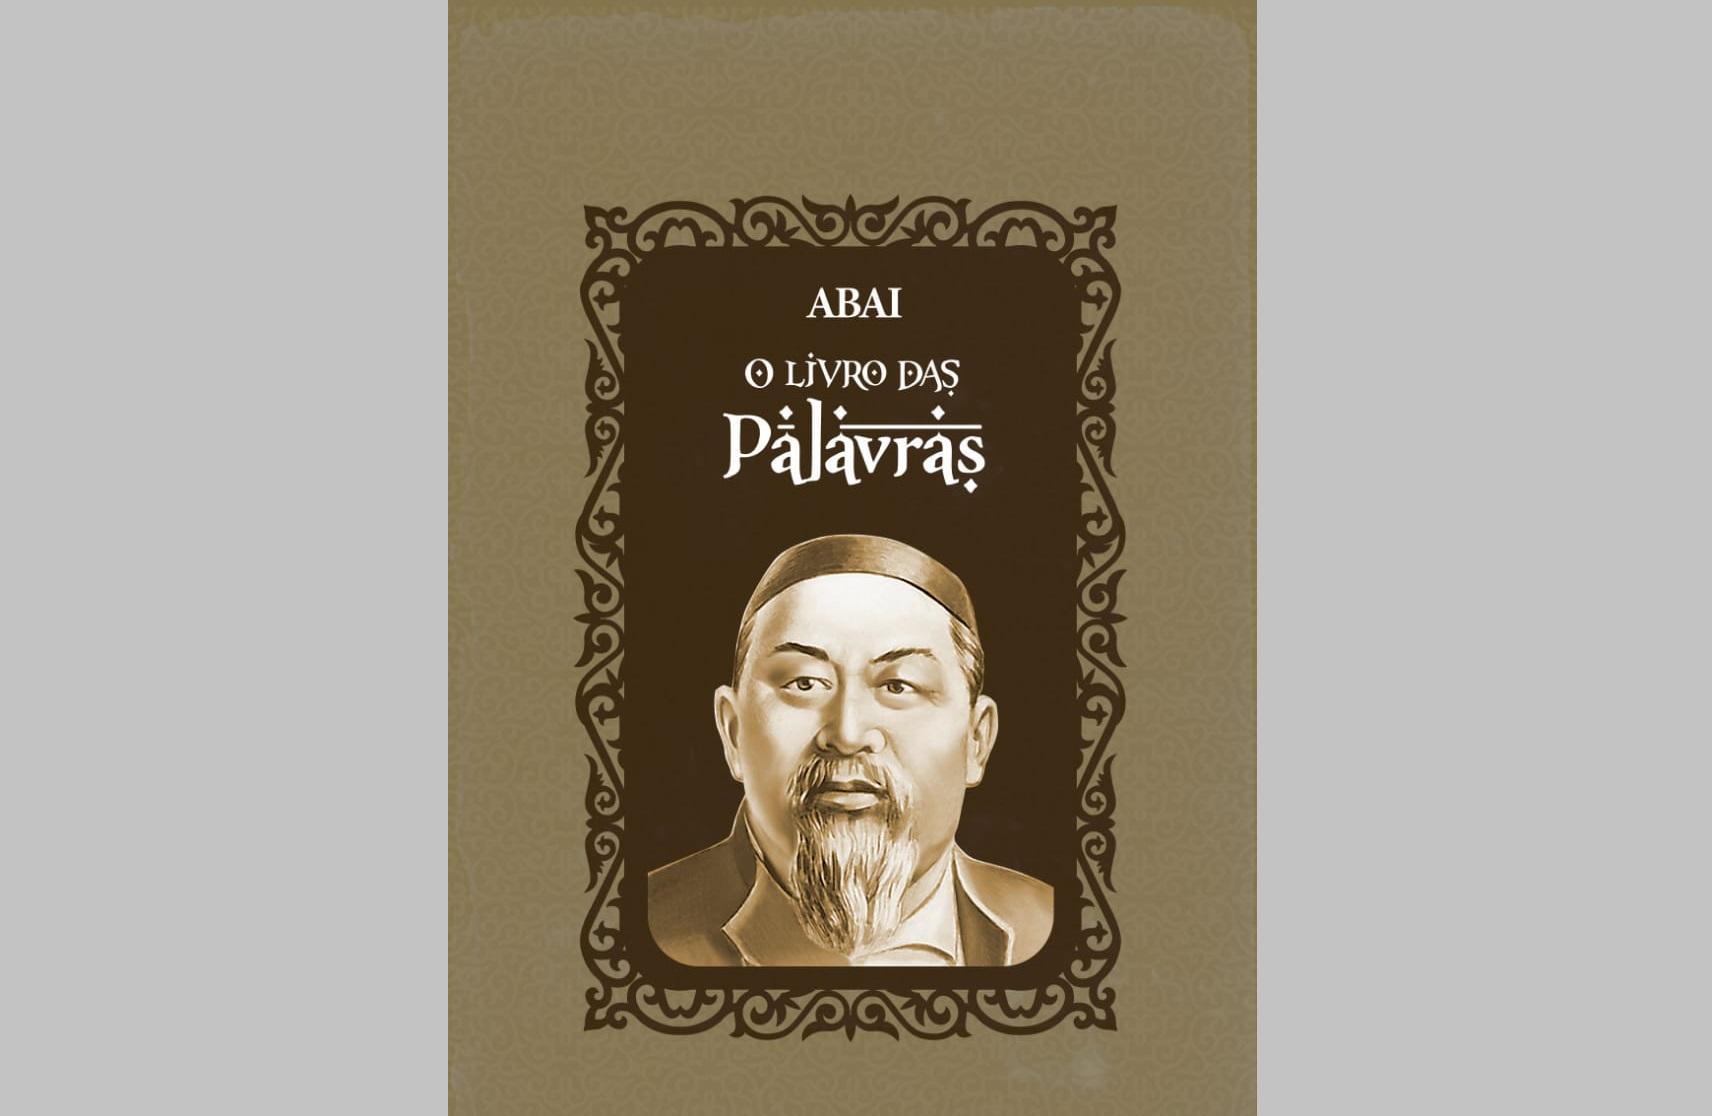 Абайдың Қара сөздері алғаш рет португал тіліне аударылды